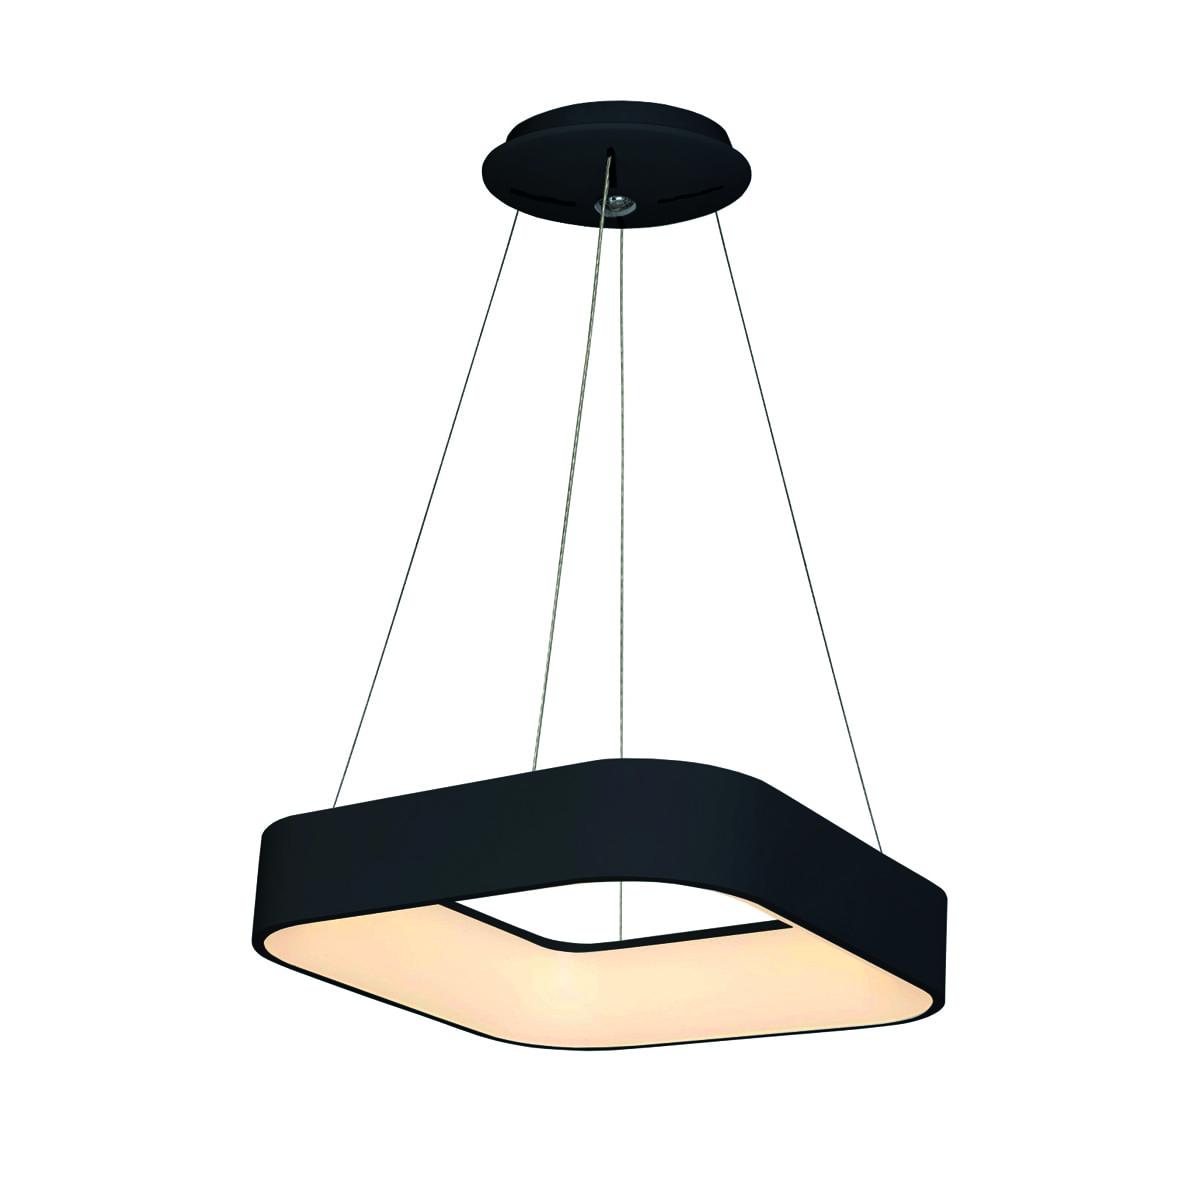 Lampa suspendată Milagro ASTRO 570 Negru mat 24W